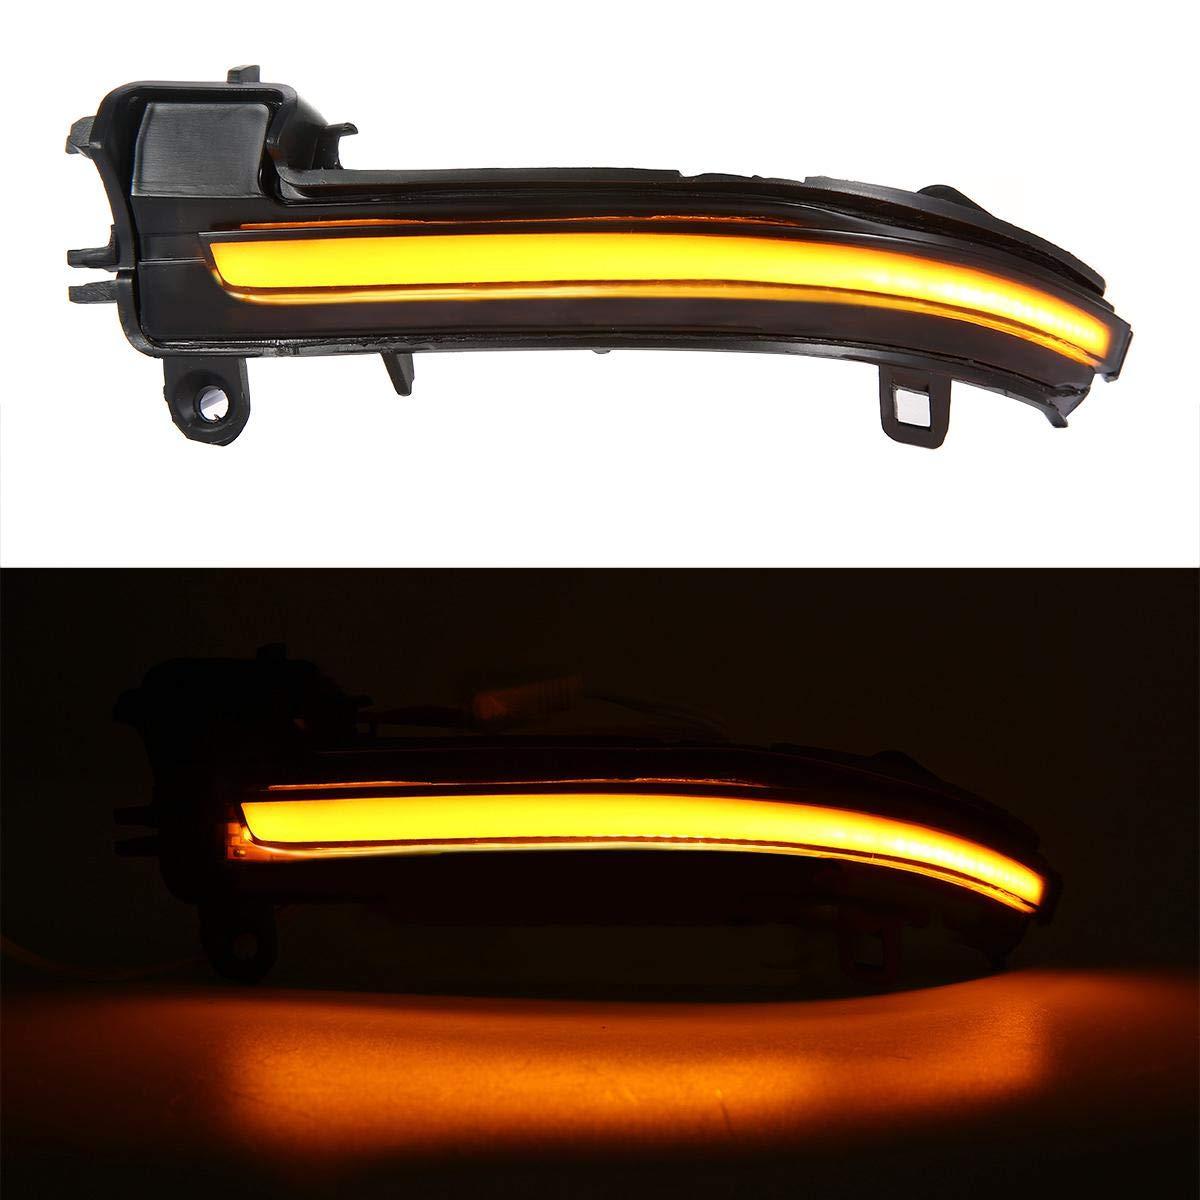 Miroir Dynamique Clignotant LED Indicateur De Lumi/èRe Fit B-MW 1-Series,3-Series,4-Series,X1 UMIWE Lumiere LED Retroviseur Clignotant R/éTroviseur Indicateurs Dynamique Lampe Ambre Voiture Assembl/éEs